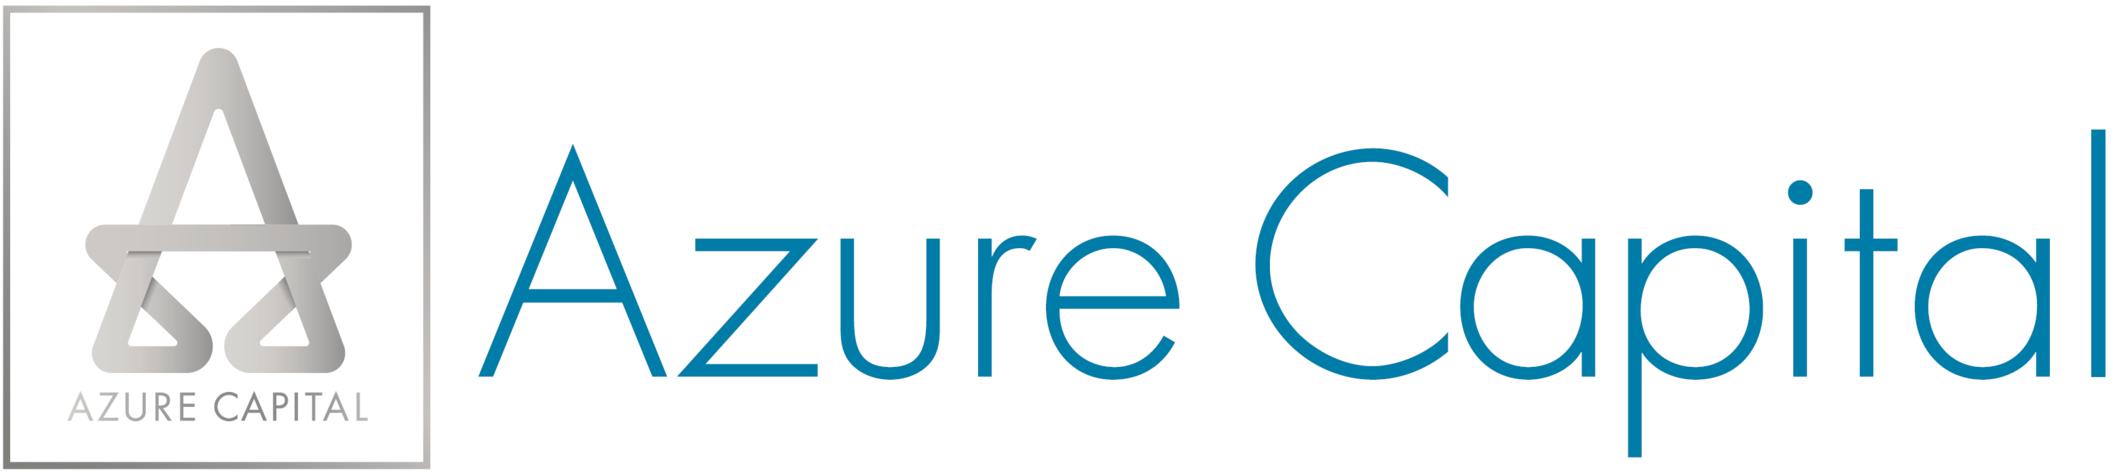 Azure Capital logo